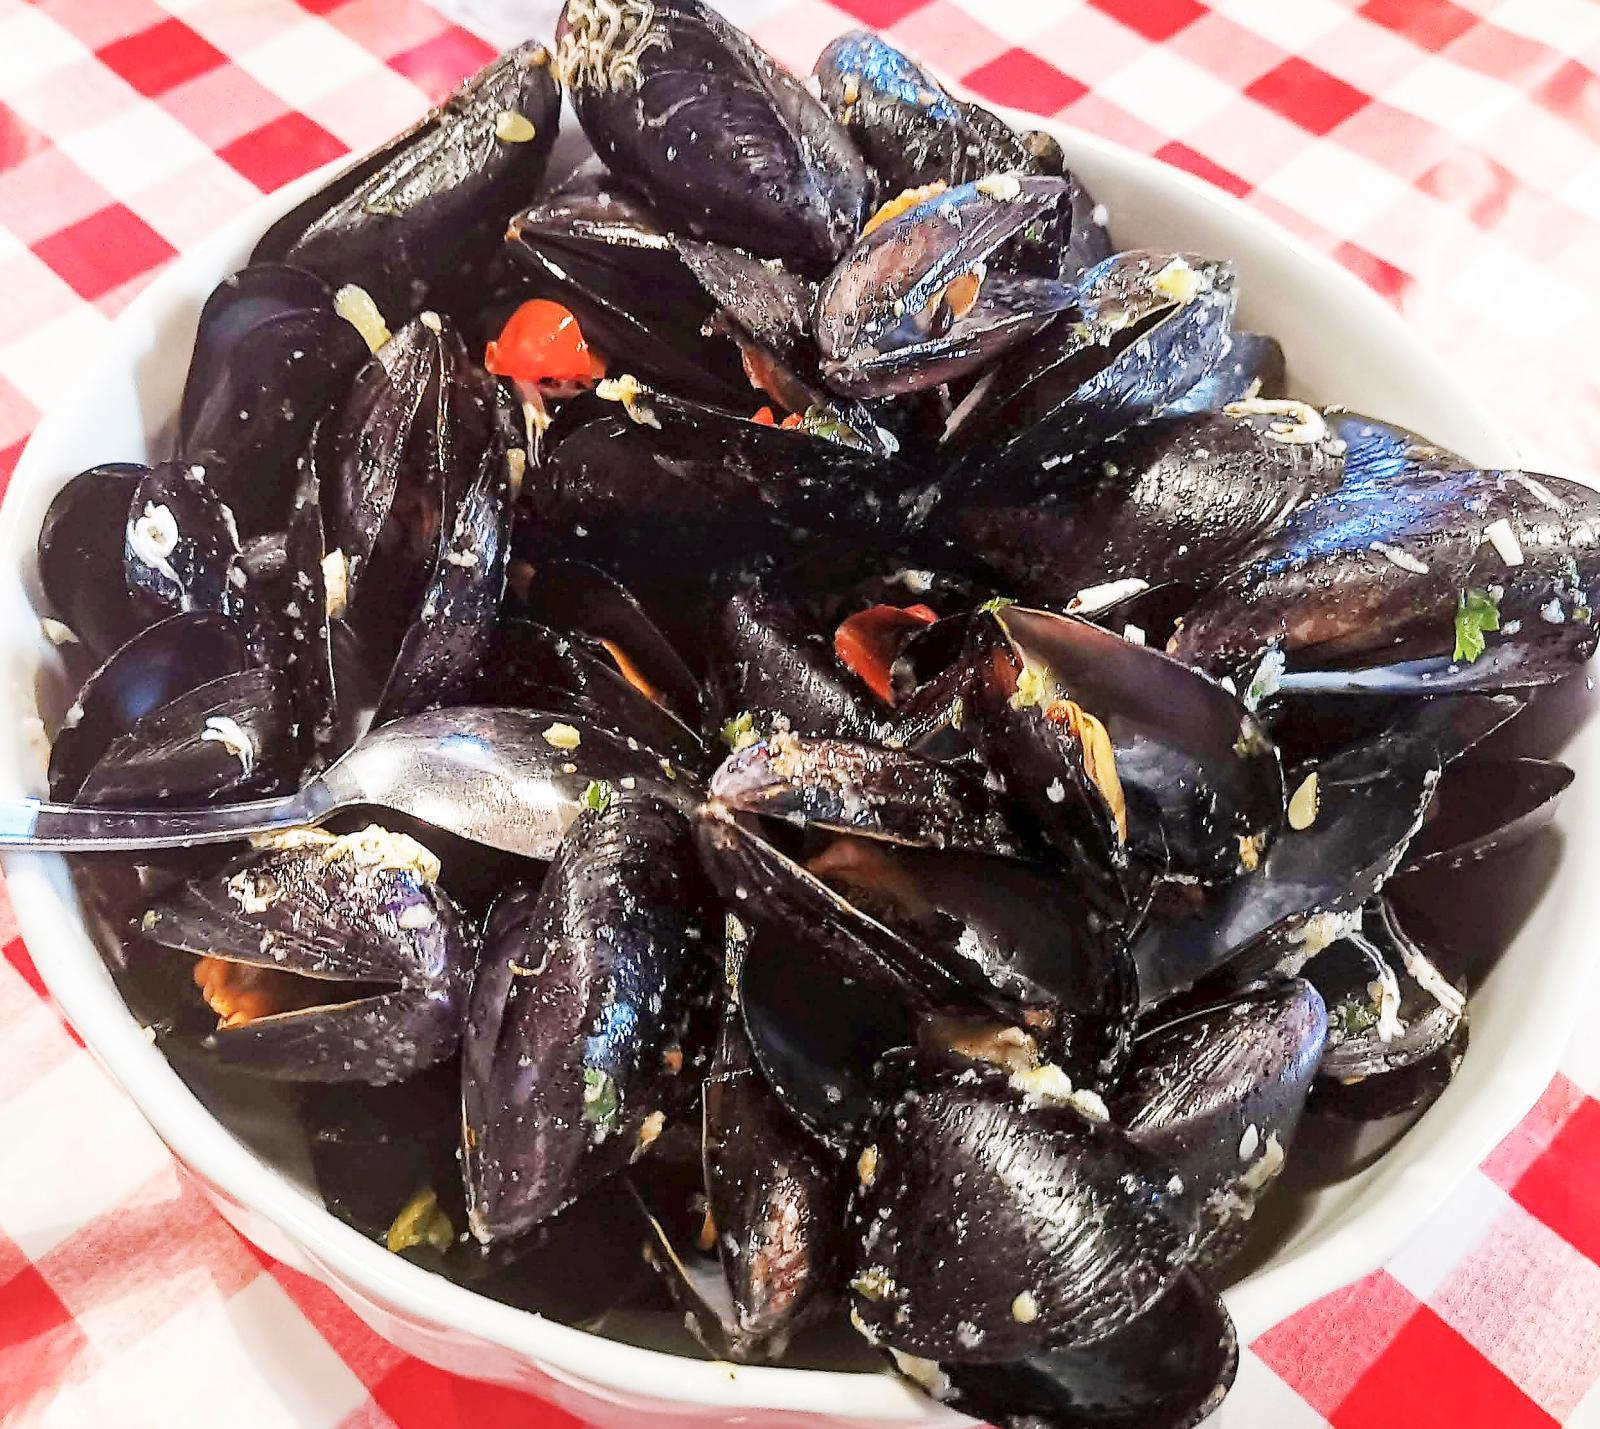 Maten från havet har fiskats upp bara timmar innan den serveras.